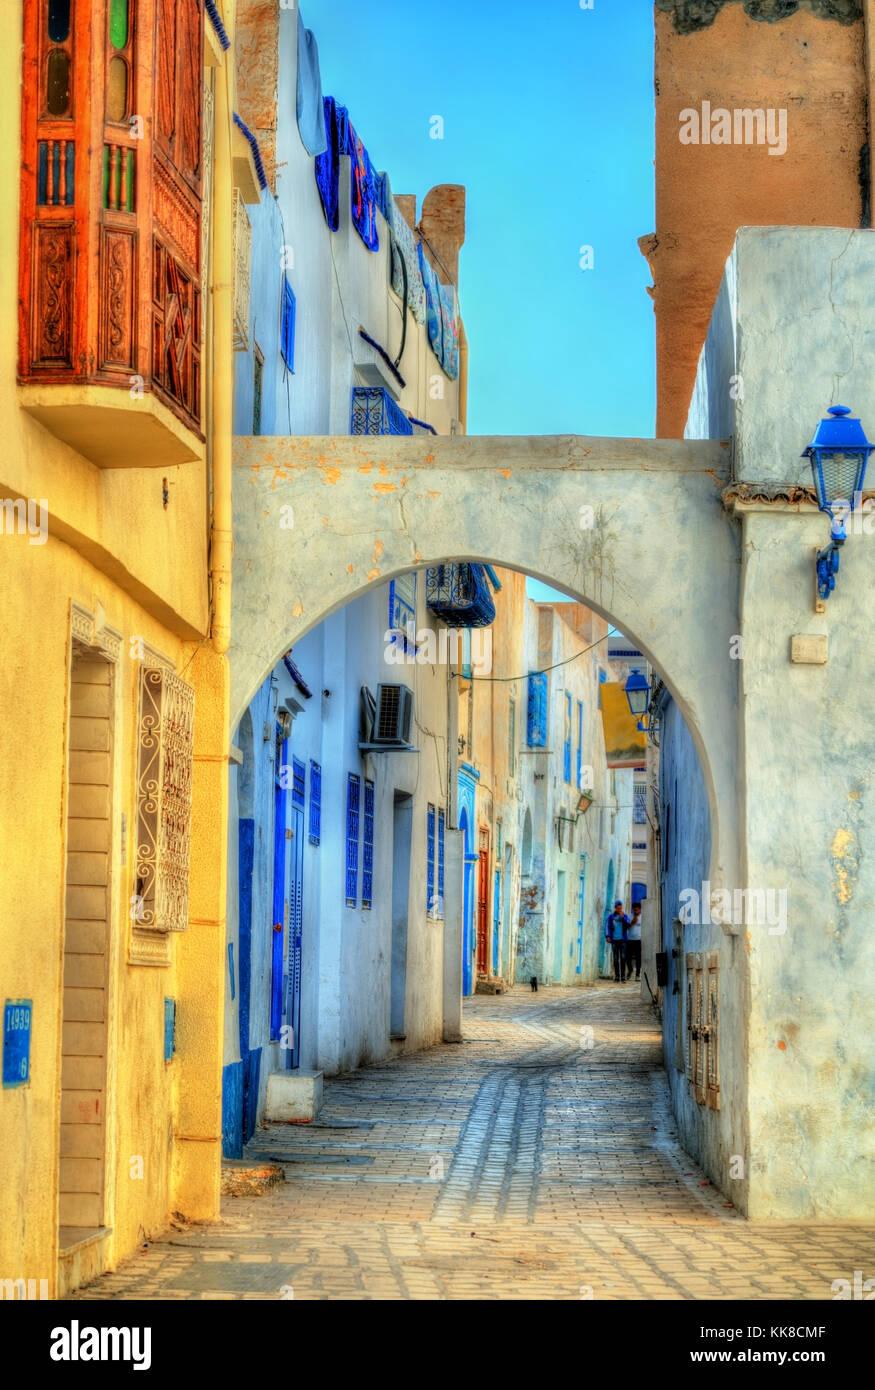 Case tradizionali nella medina di kairouan. un sito patrimonio mondiale dell'unesco in Tunisia Immagini Stock